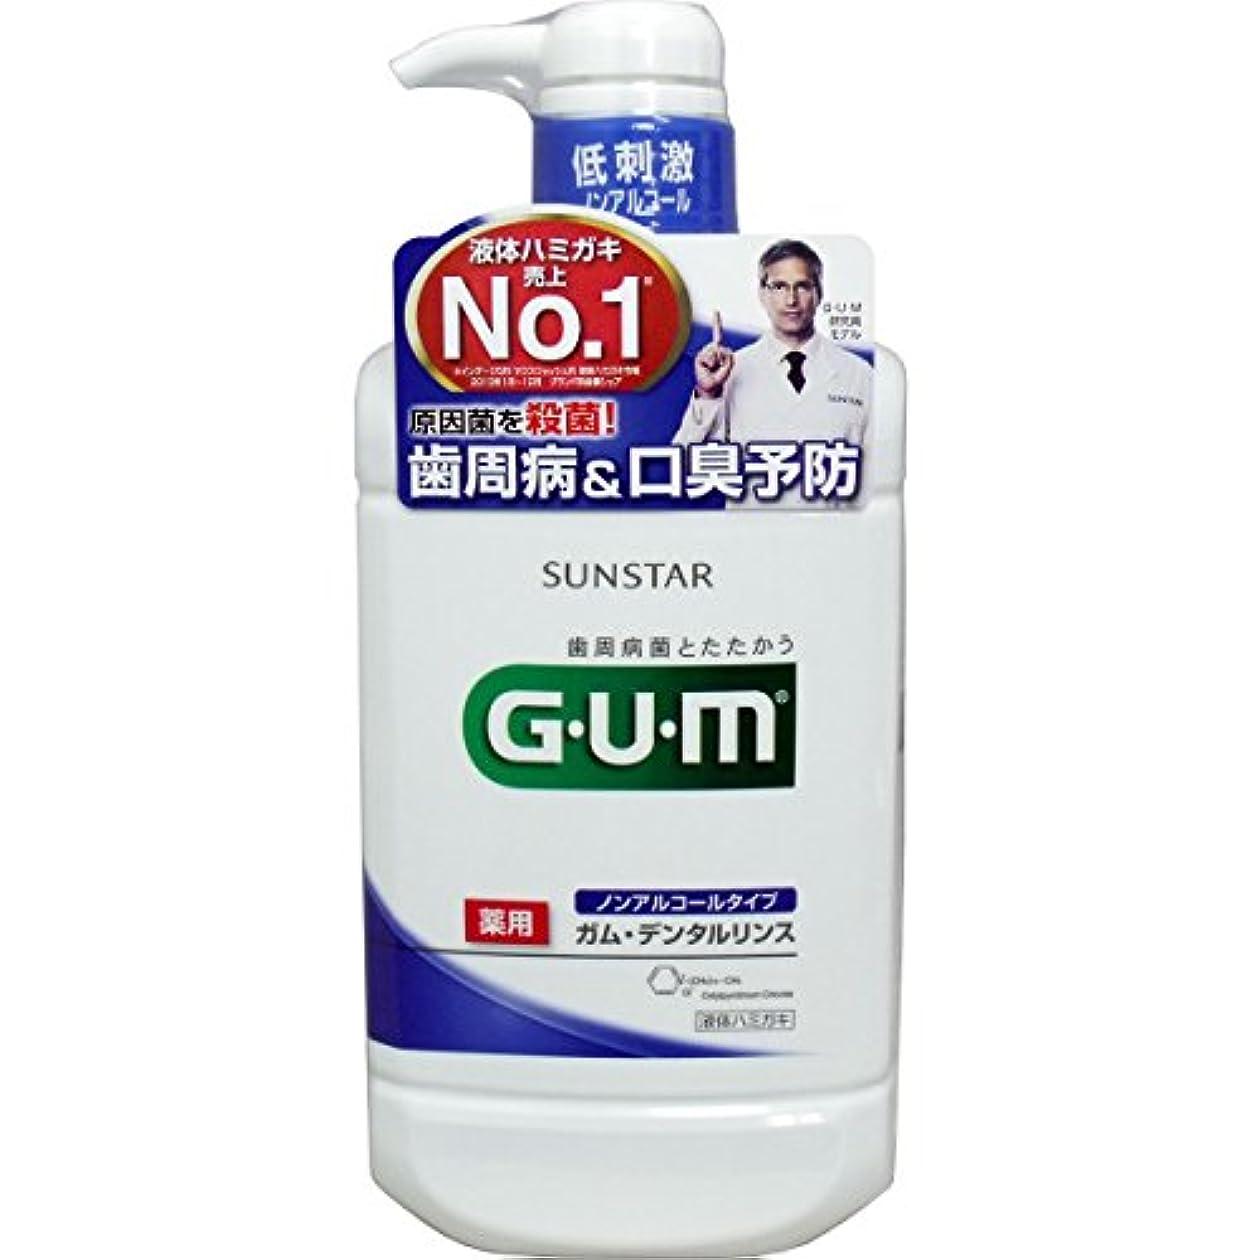 サイズ重なるモード【まとめ買い】GUM(ガム)?デンタルリンス (ノンアルコールタイプ) 960mL (医薬部外品)×3個